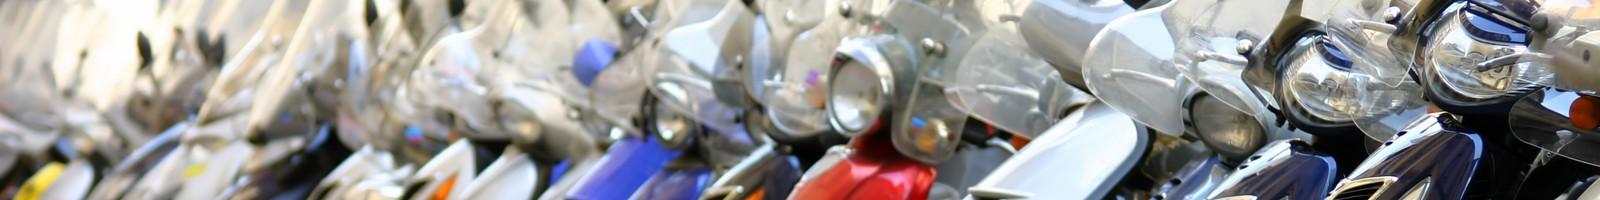 Les ventes de deux-roues en France ont nettement augmenté entre janvier et août 2019